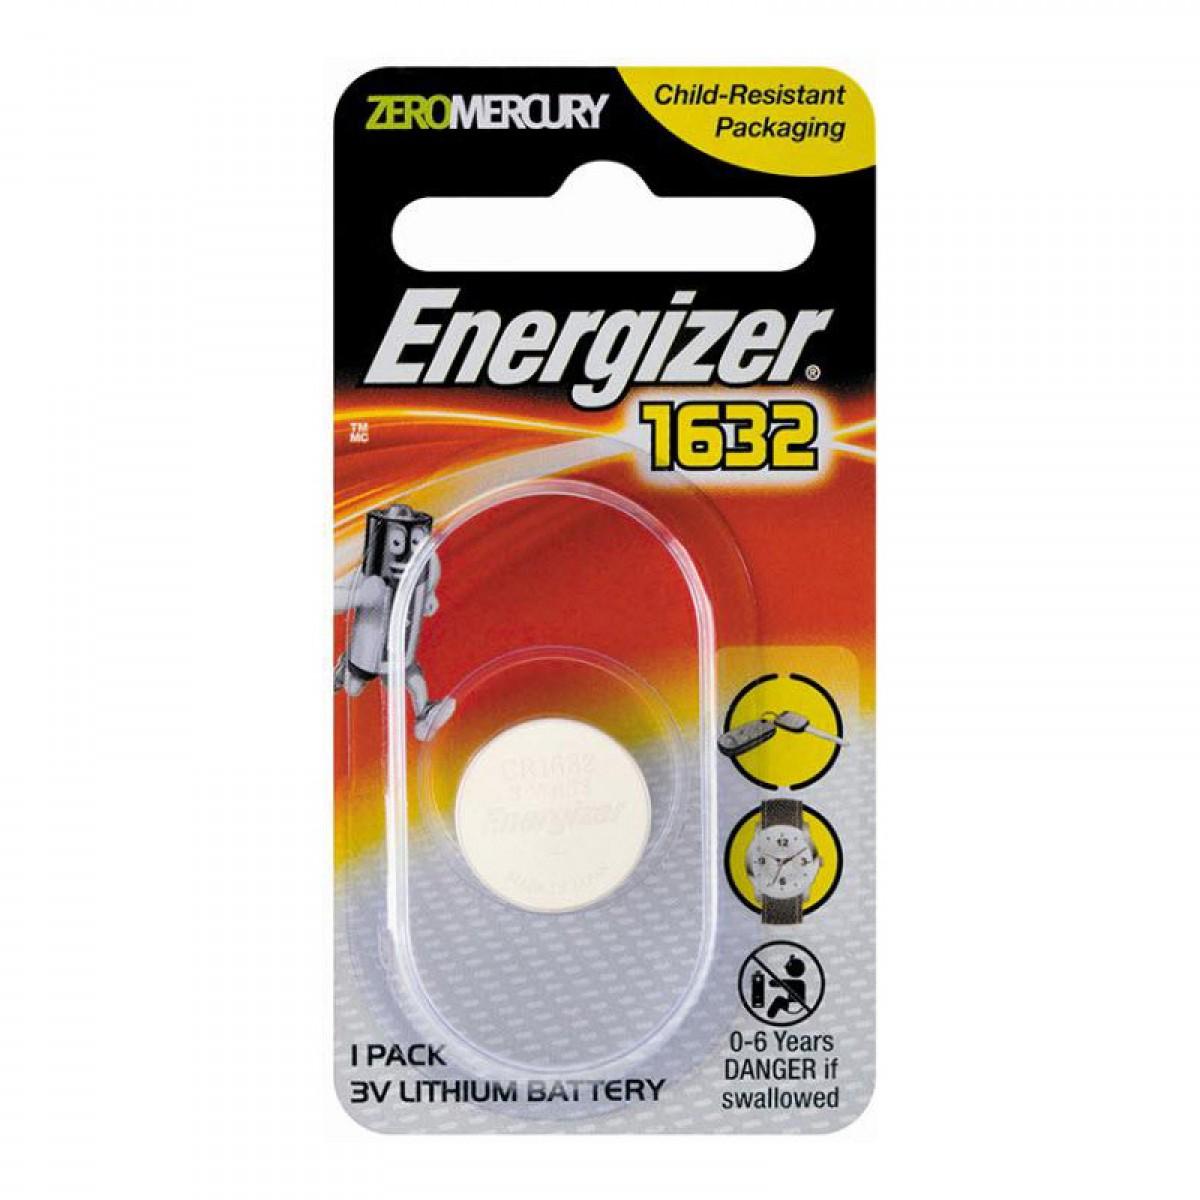 Energizer CR1632 3V Battery